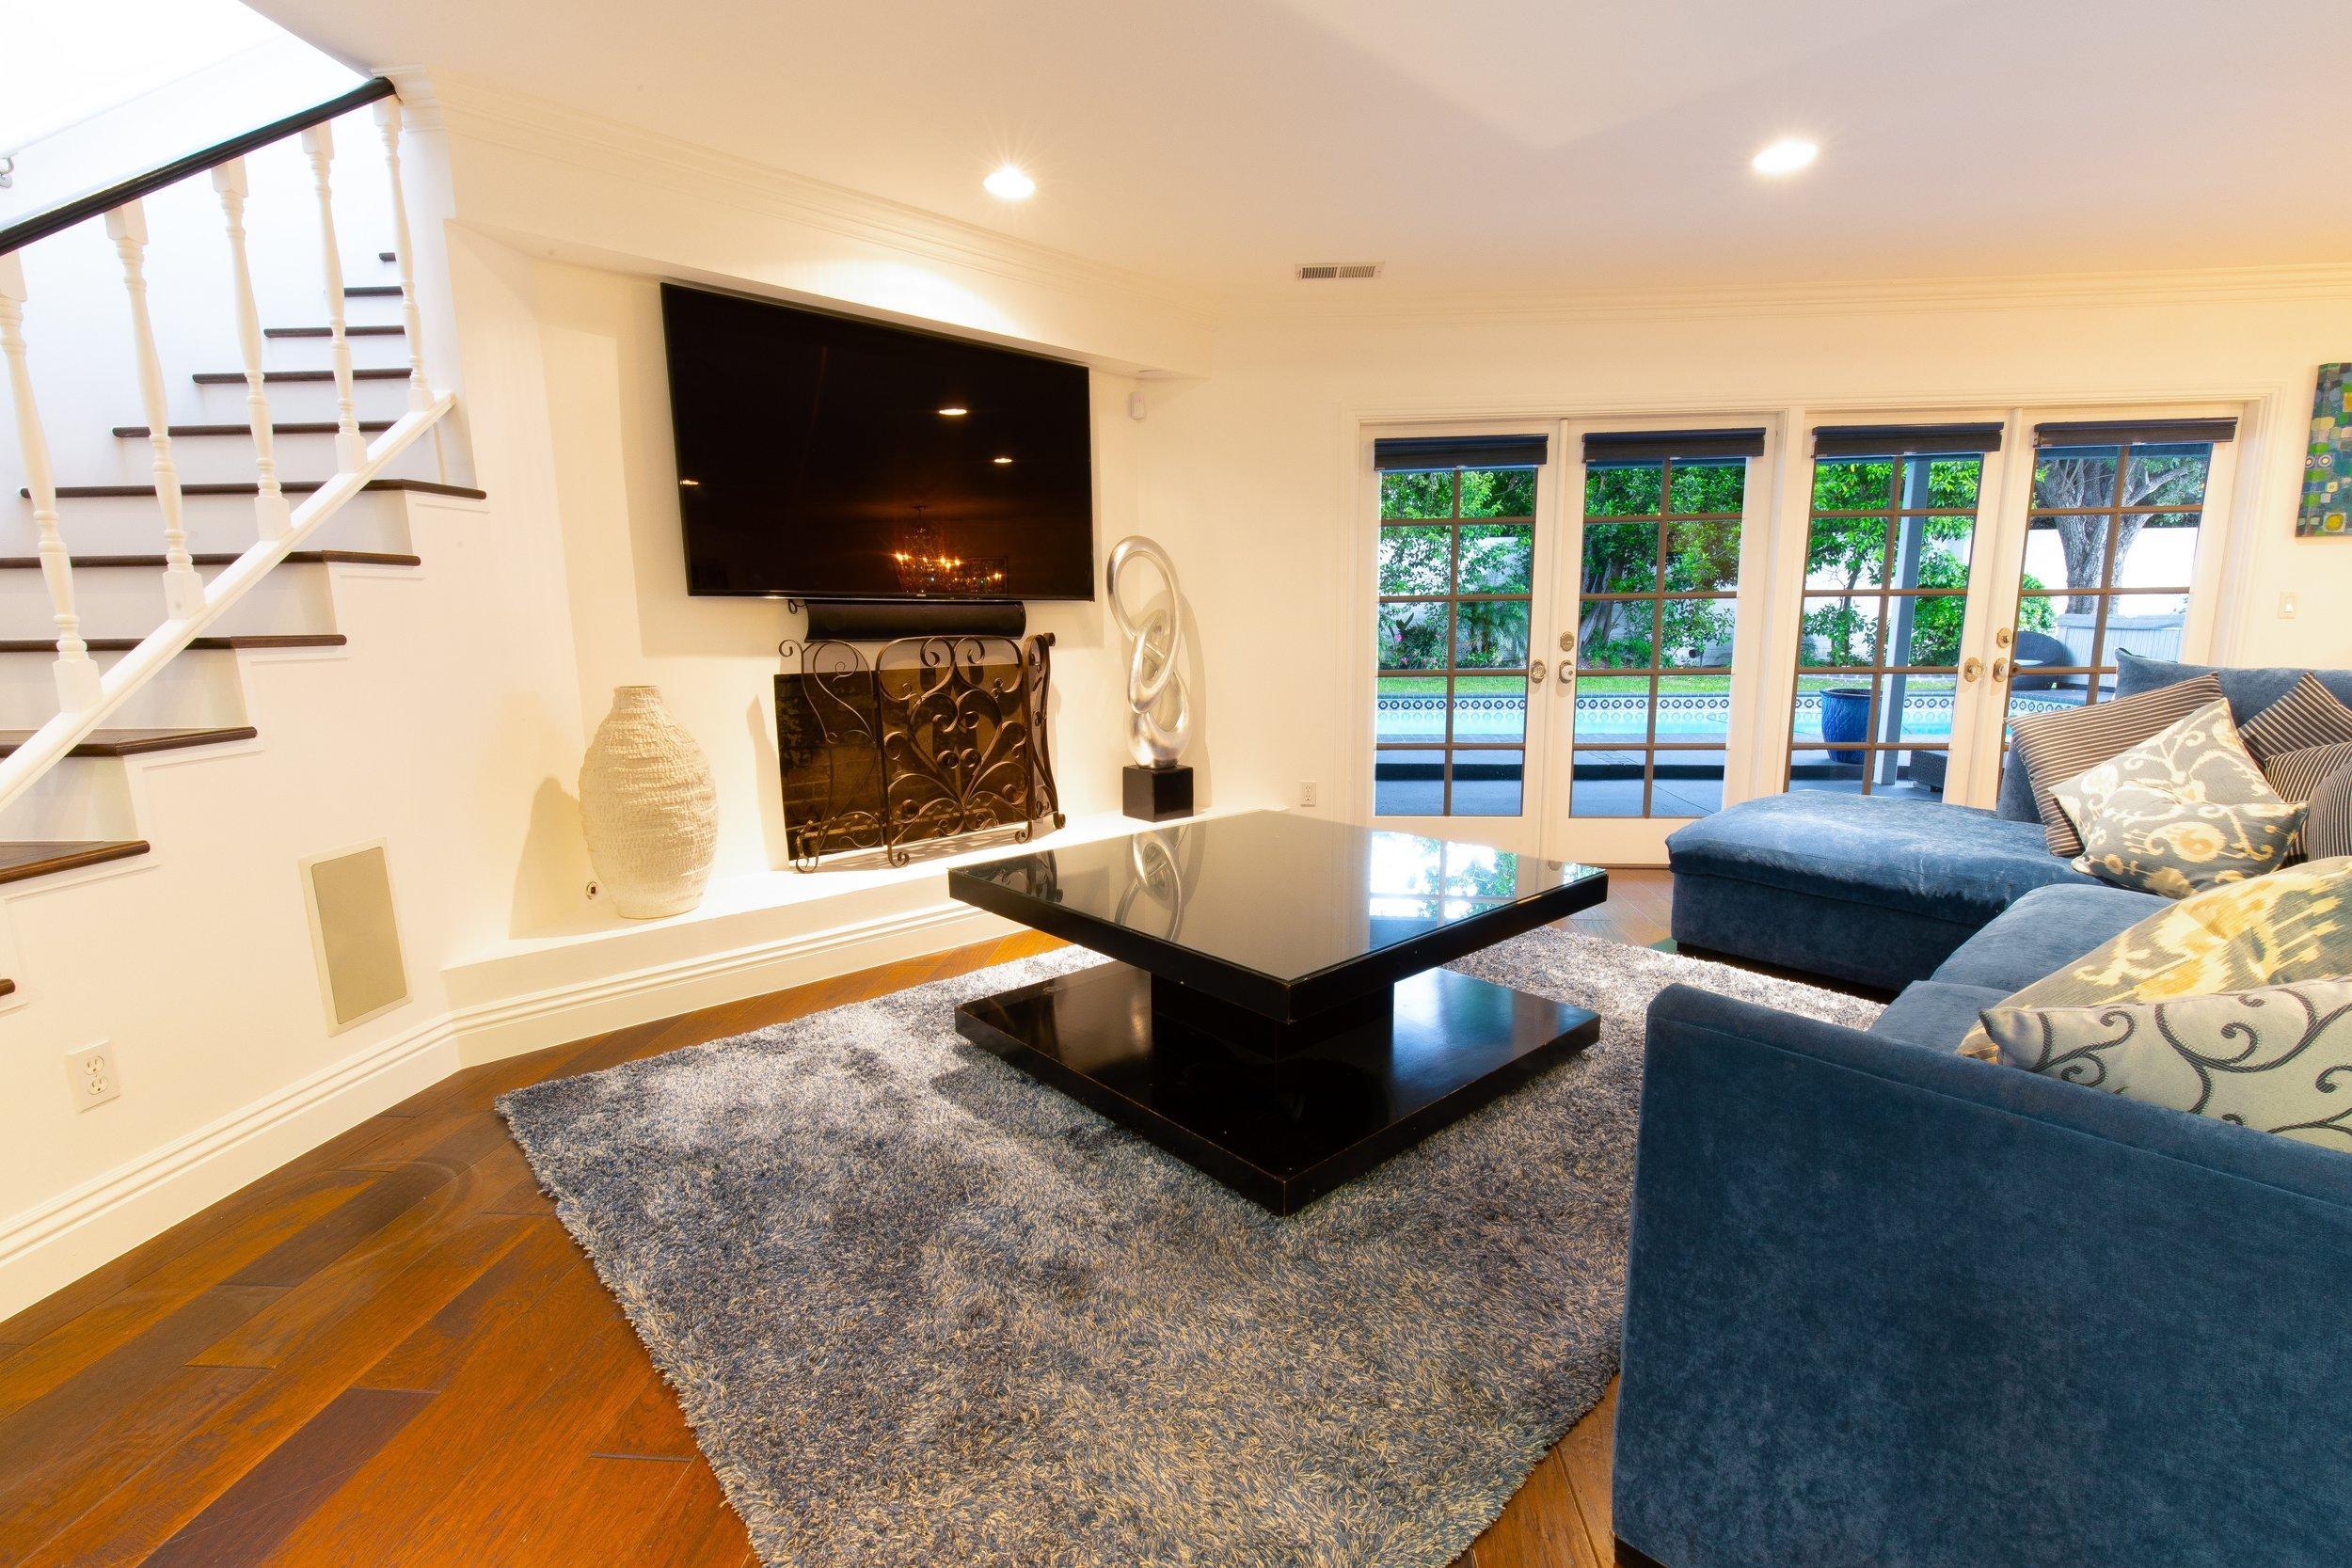 MLS The Living Room 2_-2.jpg